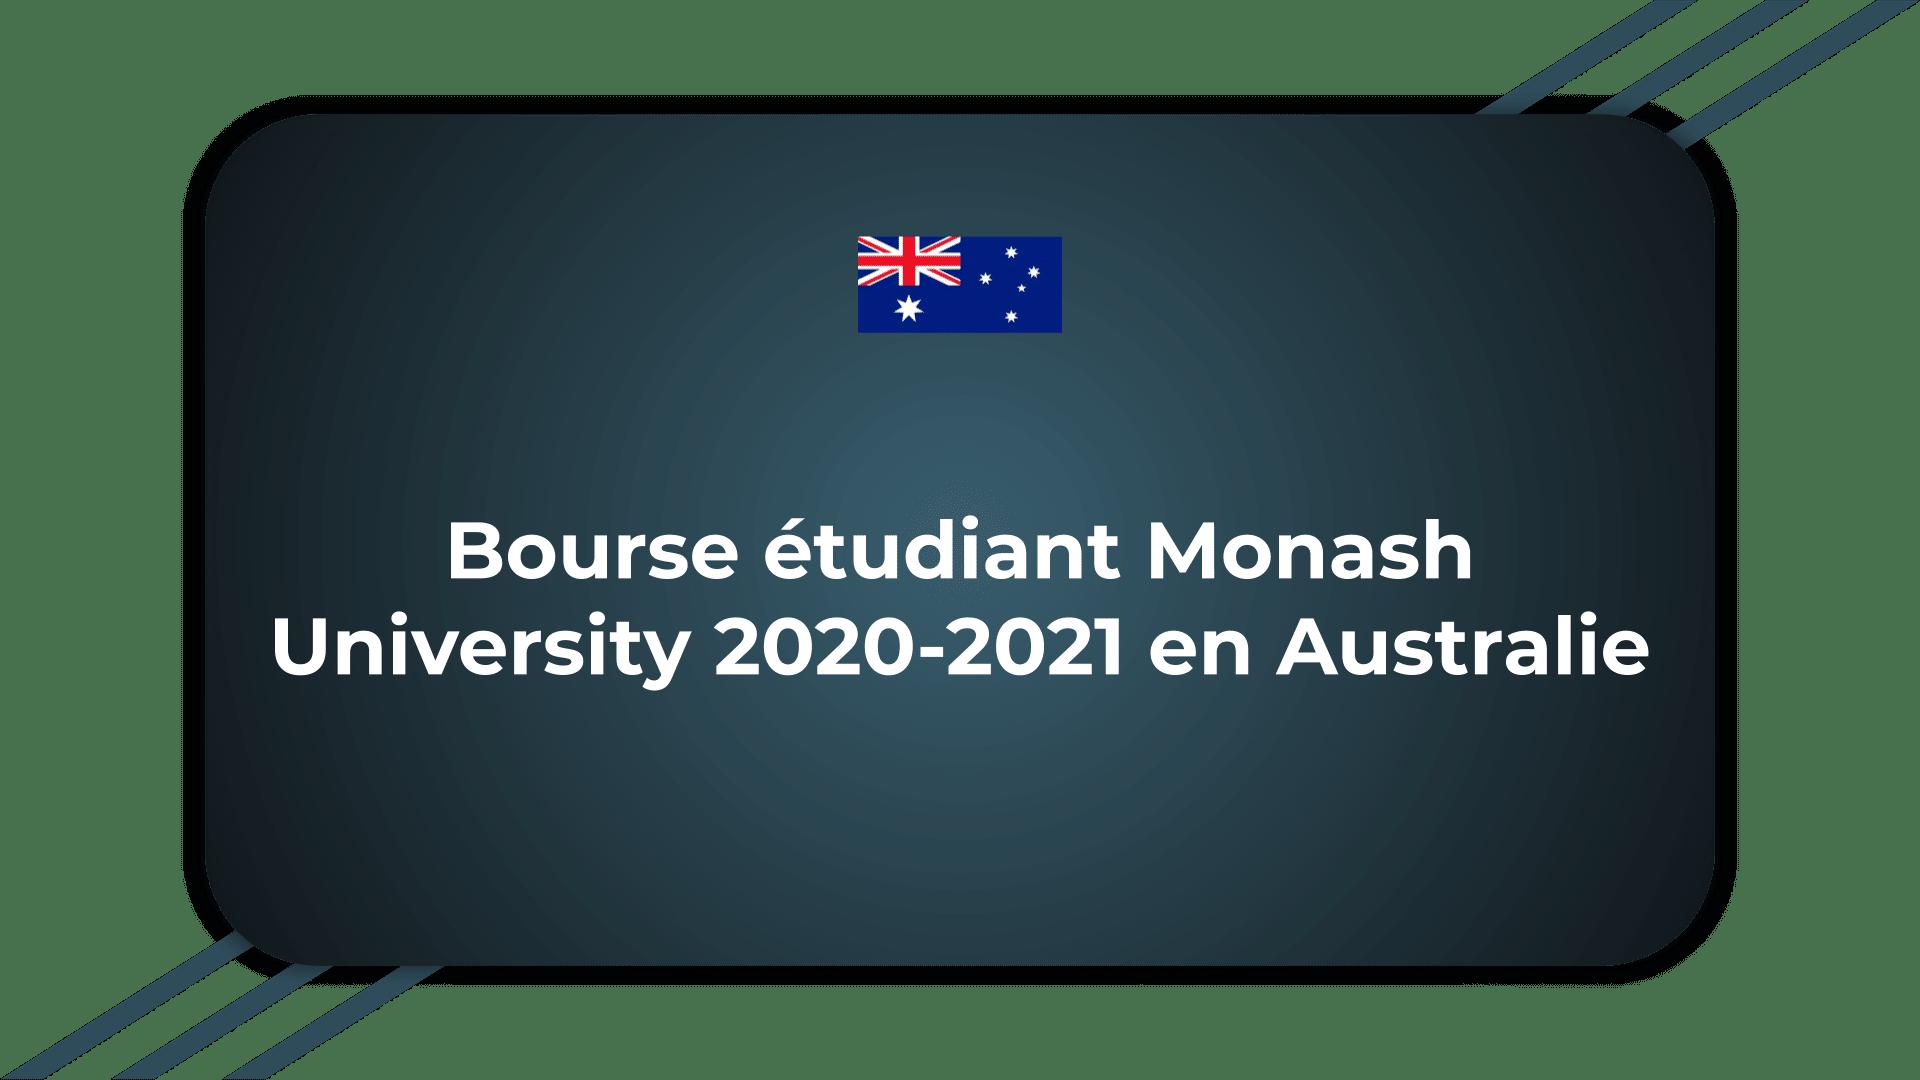 Bourse étudiant Monash University